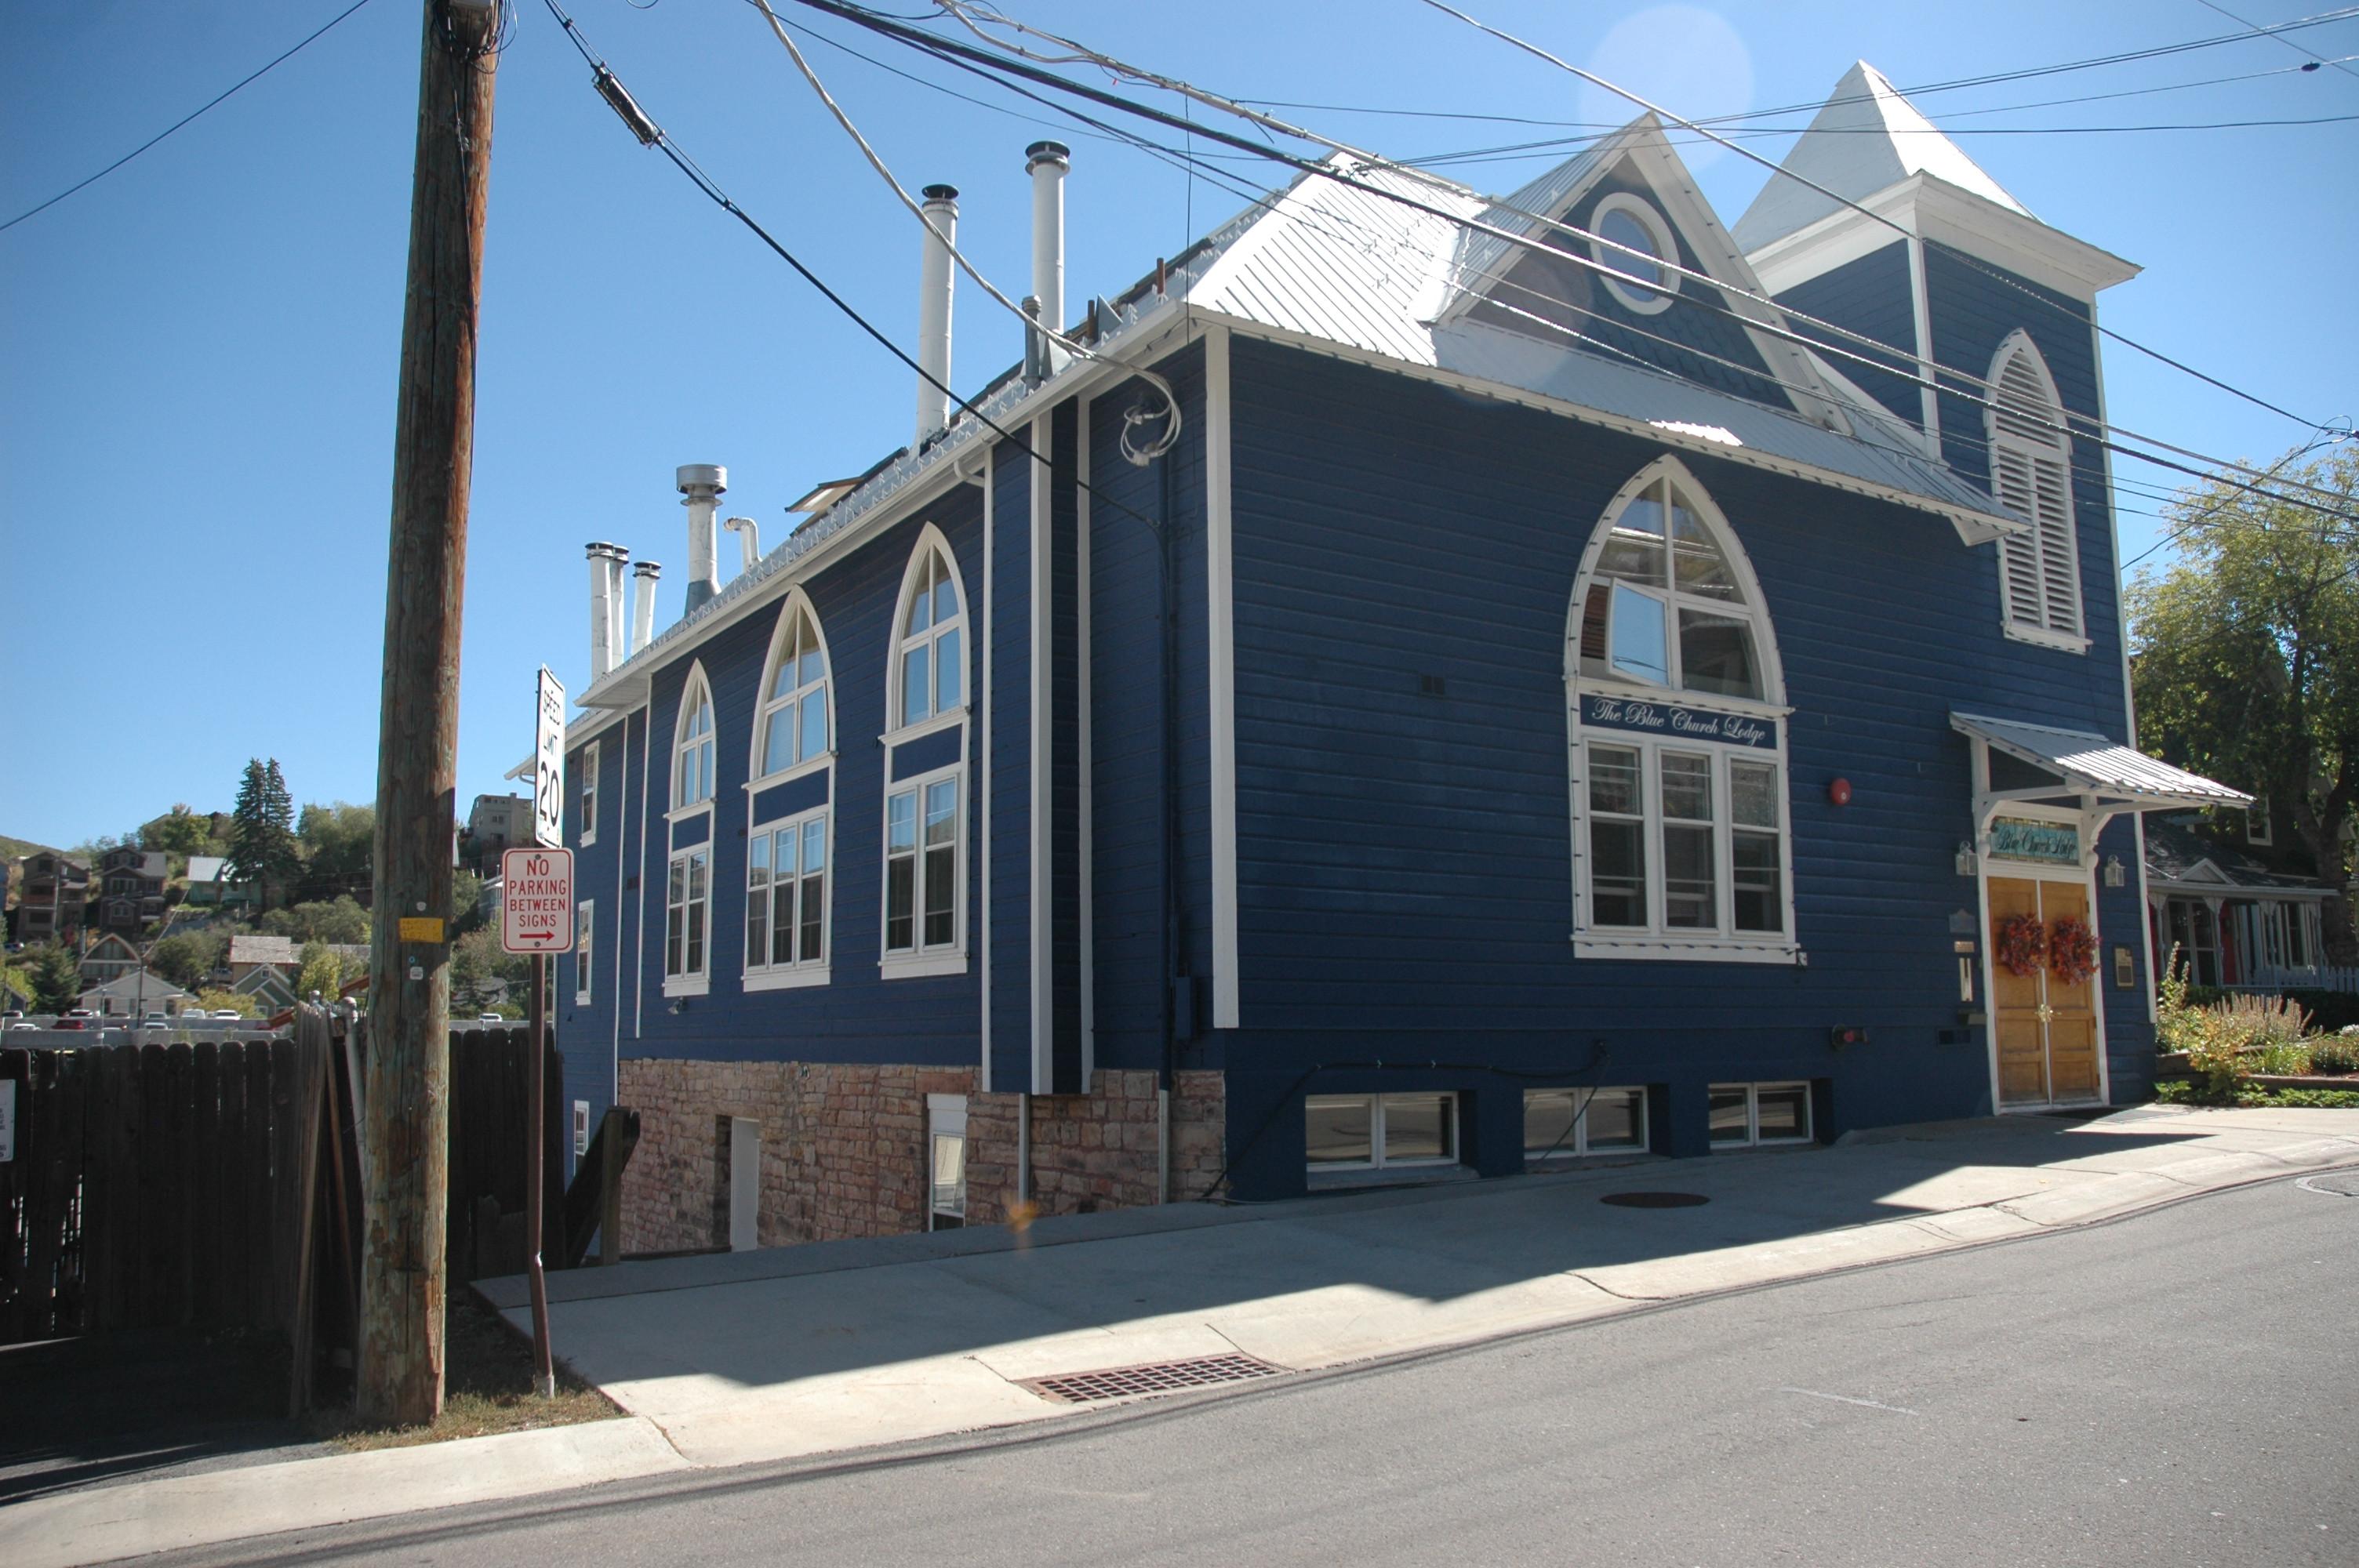 Blue Church Lodge File:blue Church Lodge Park